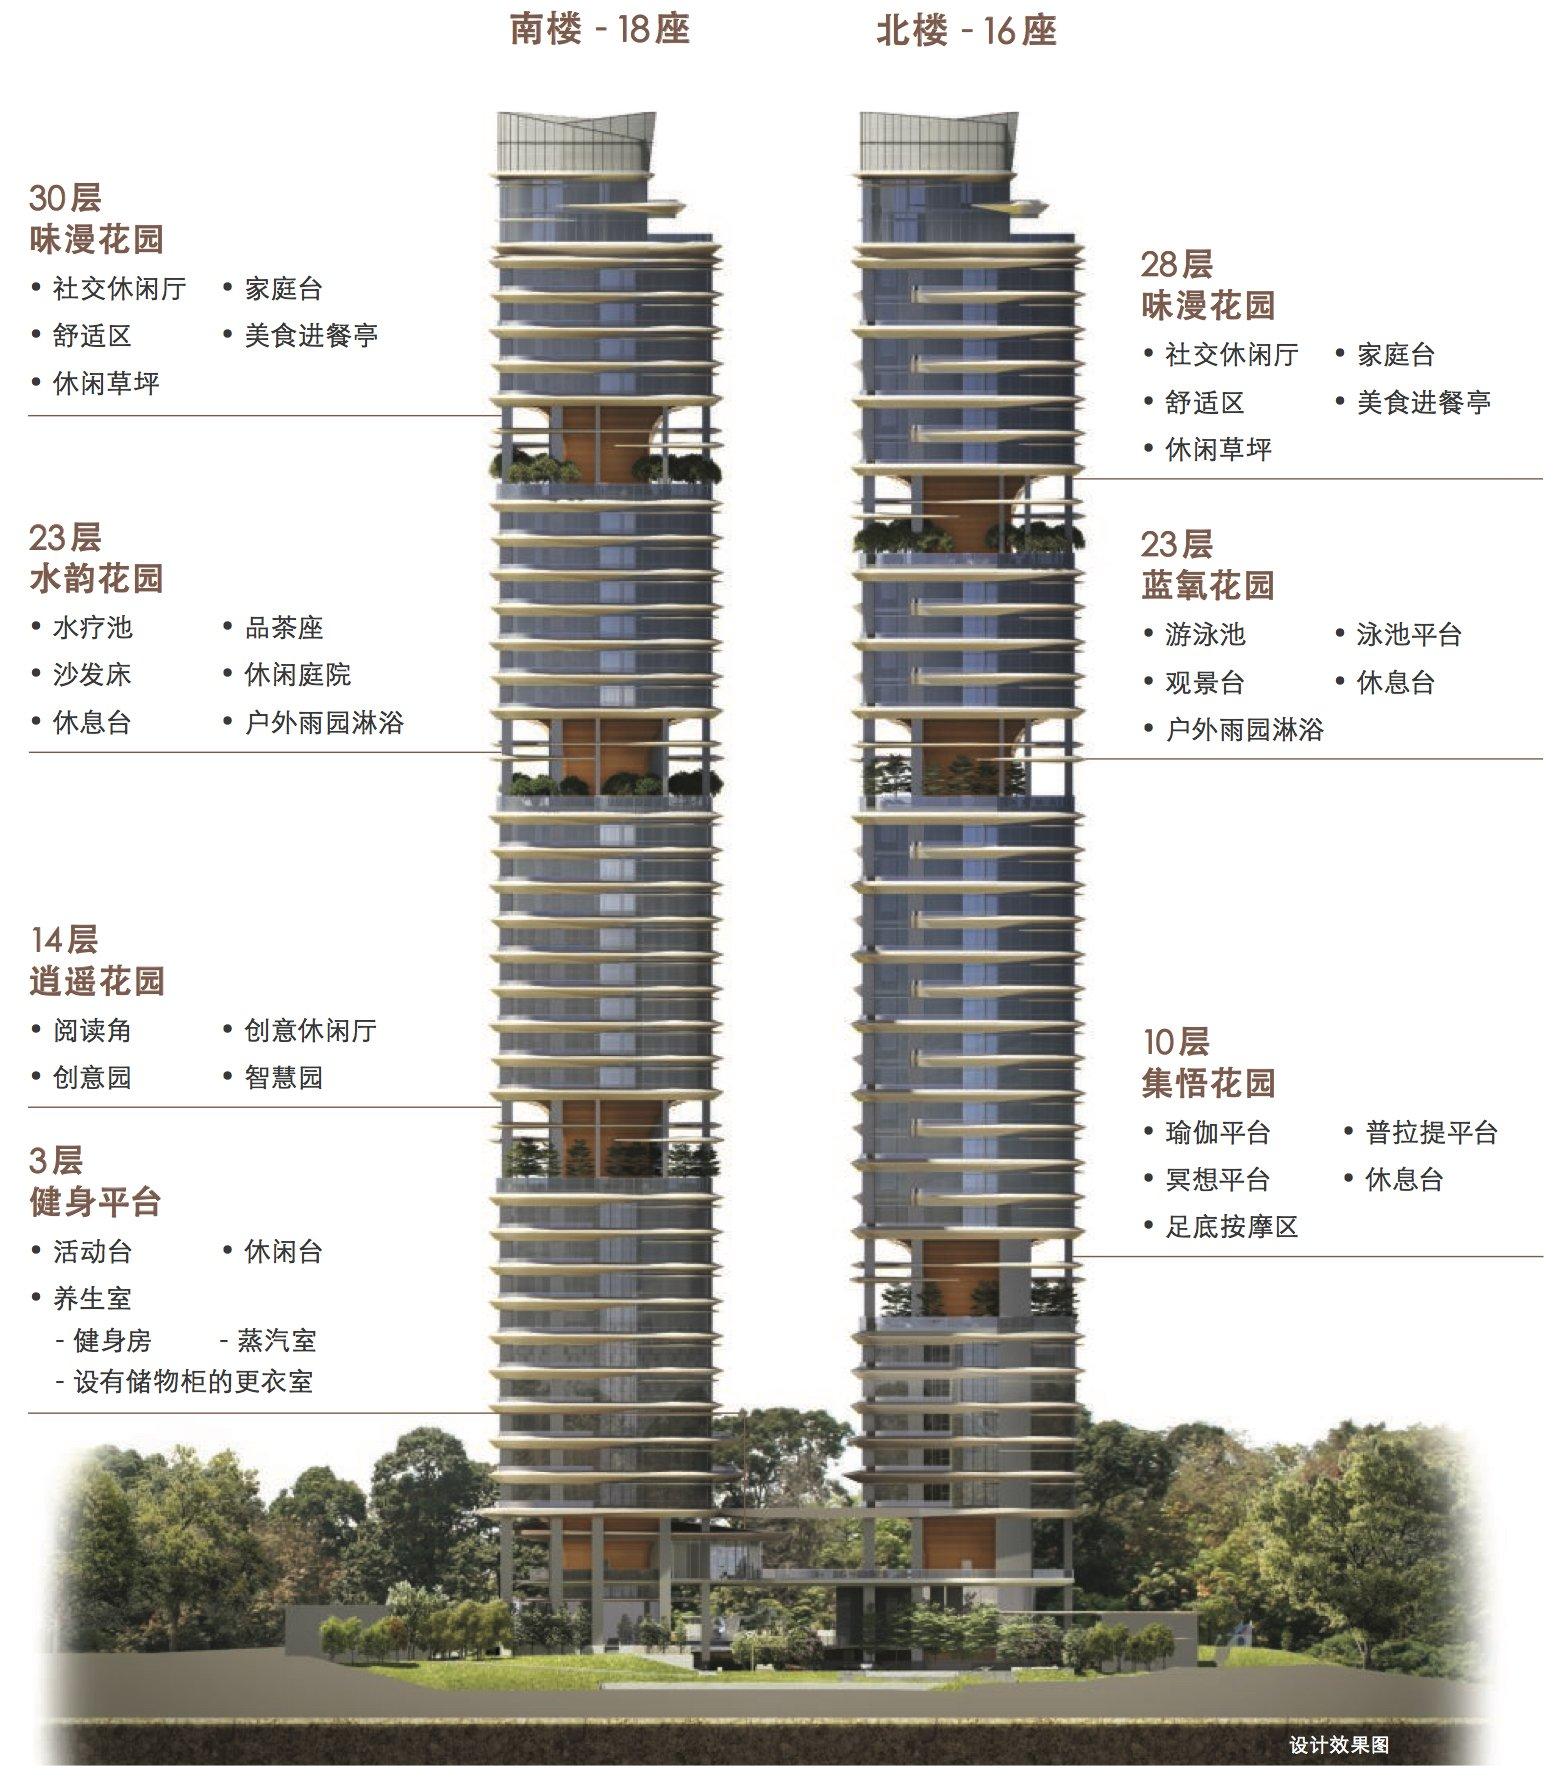 银峰公寓 6大主题公园设施